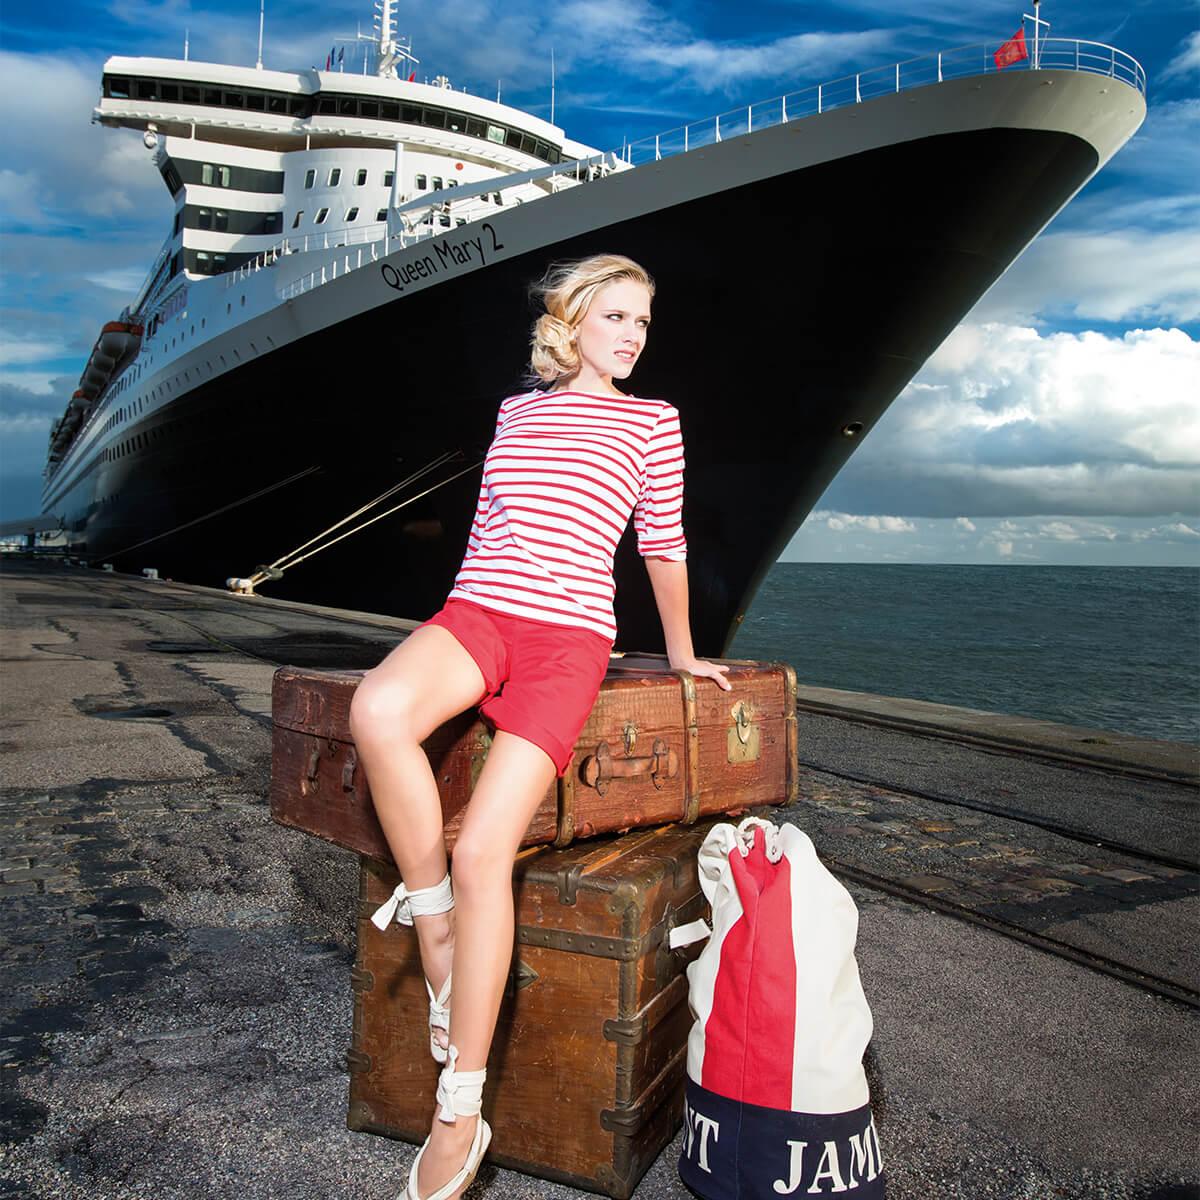 Frau posiert mit Saint James Kleidung im vor Luxusliner